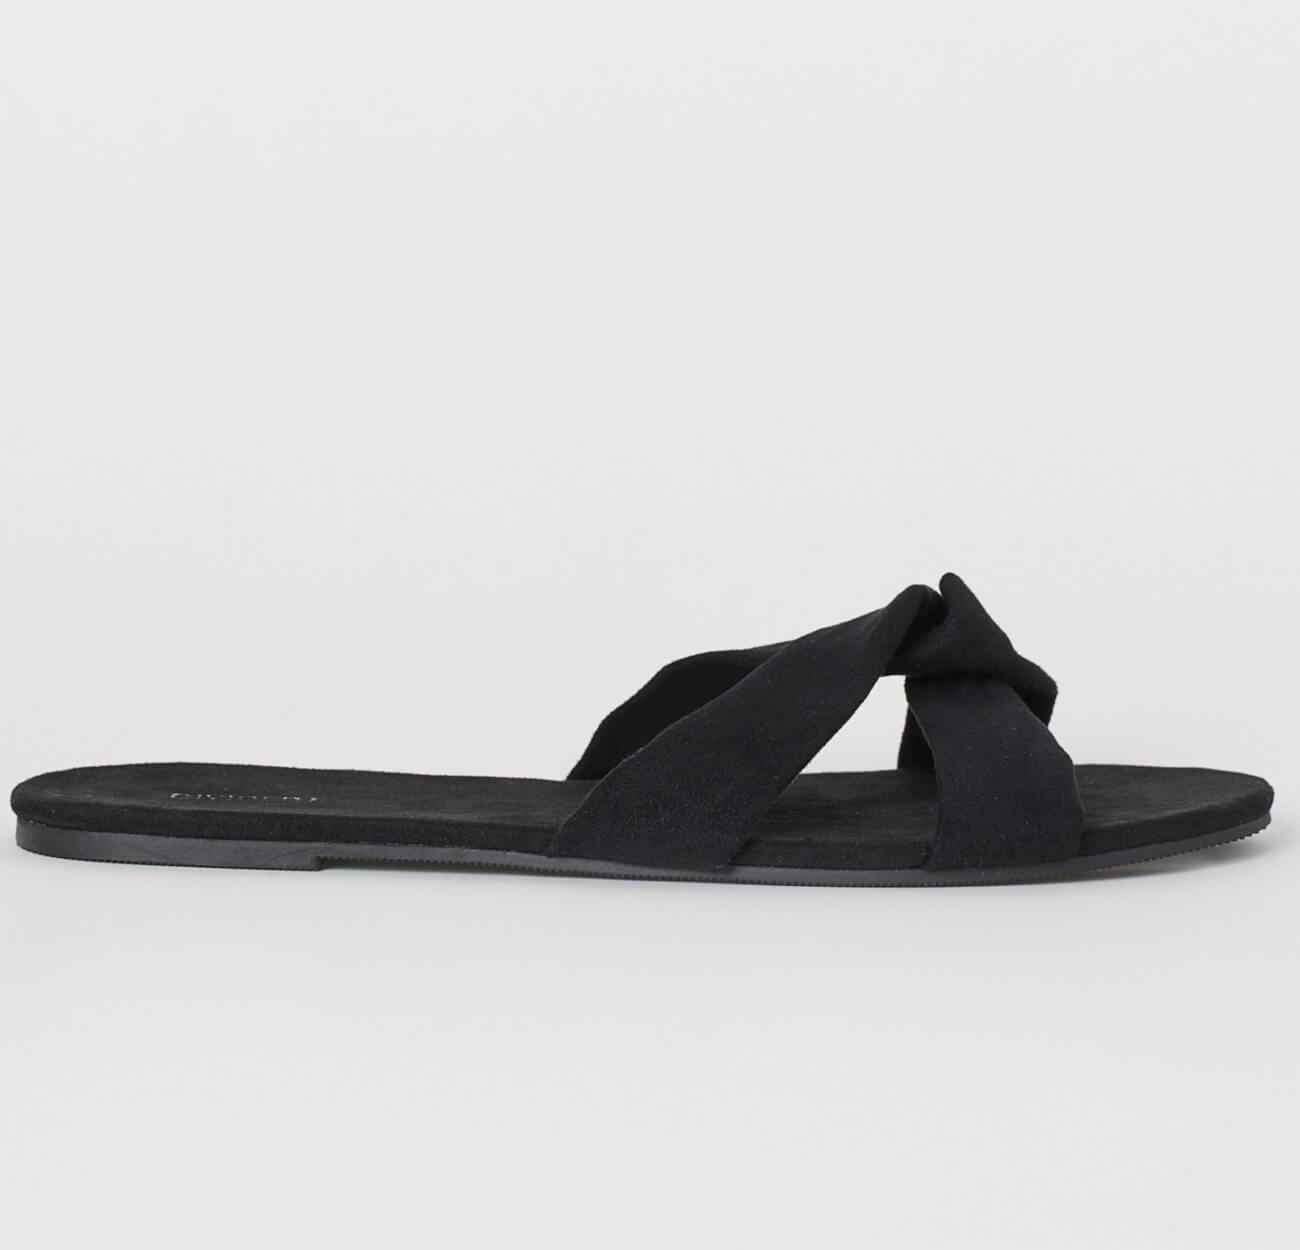 Sandalias en gamuza sintética con tiras cruzadas. Plantillas en gamuza sintética y suelas en caucho termoplástico for this summer